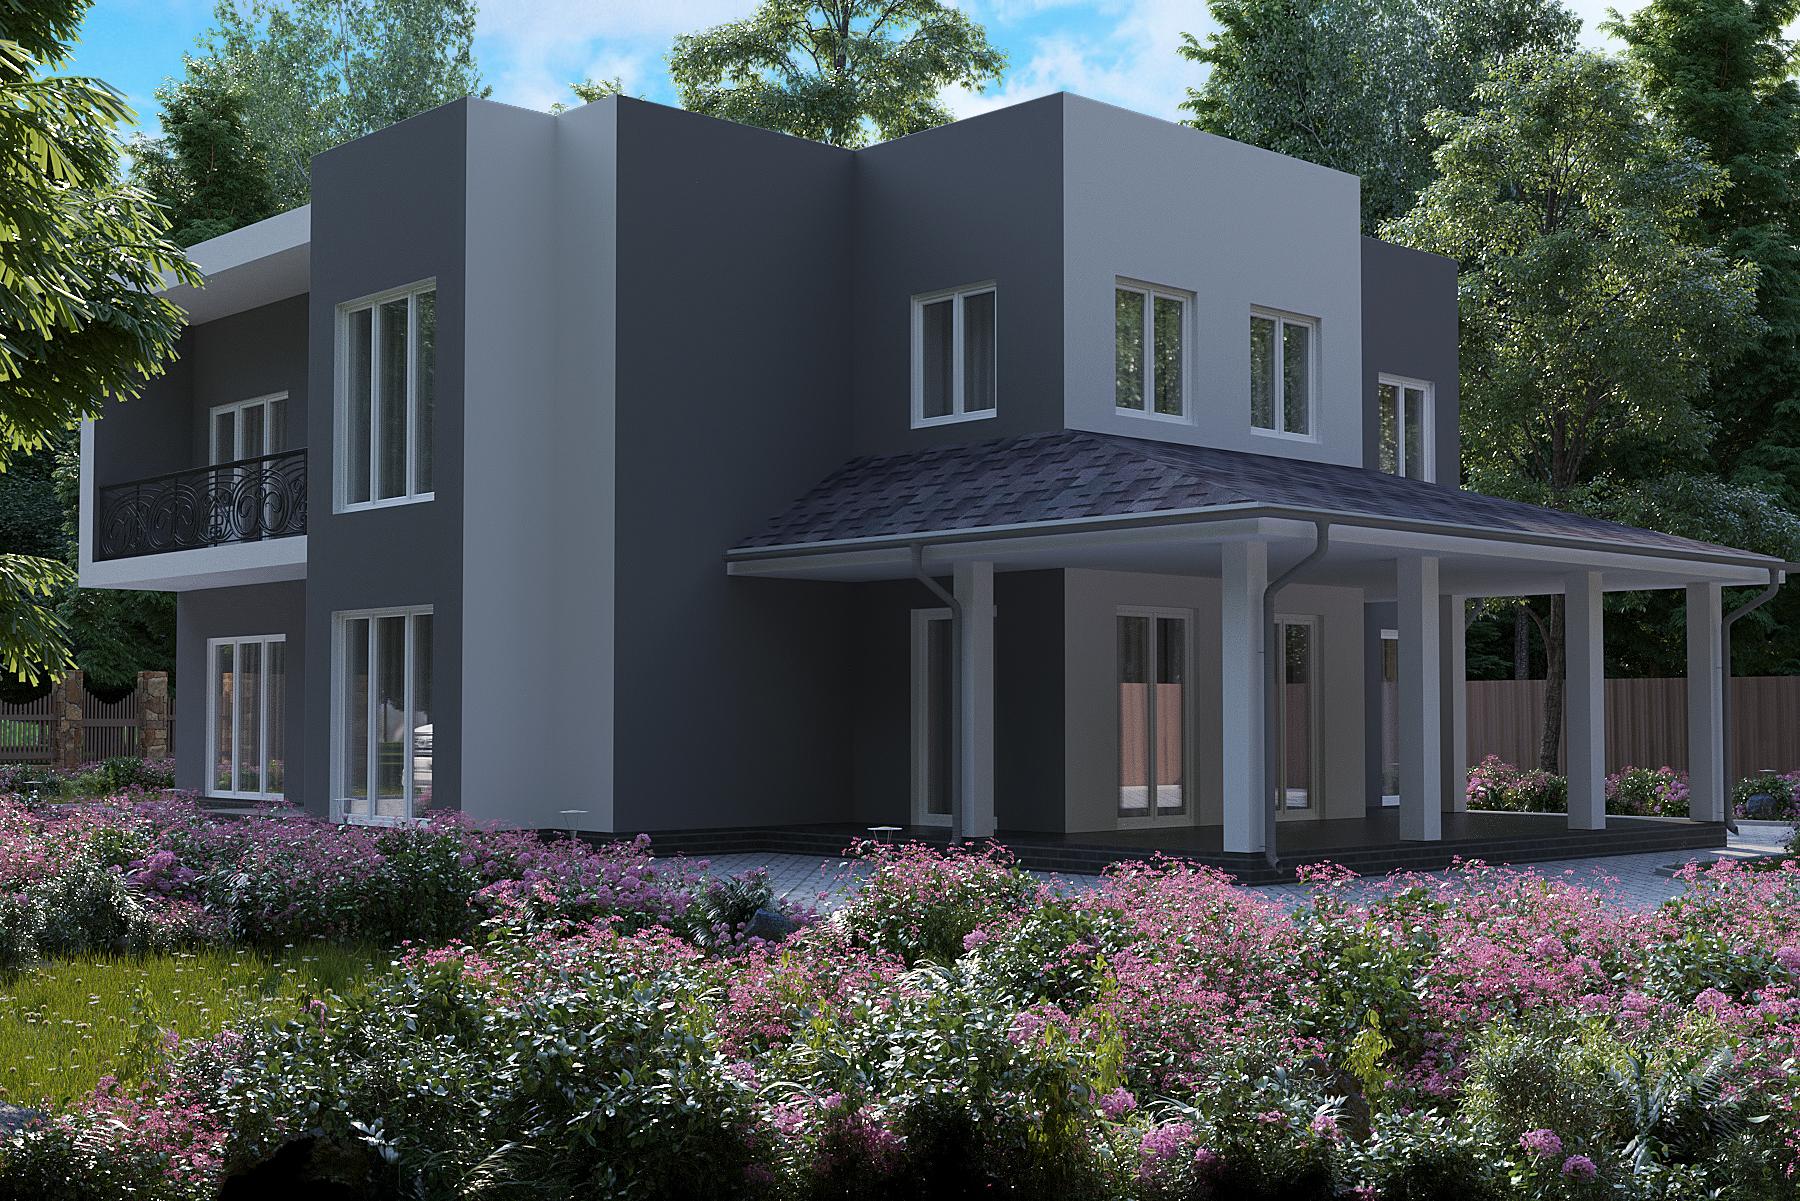 Готовый проект дома 224 кв.м / Артикул АМ-176 фасад